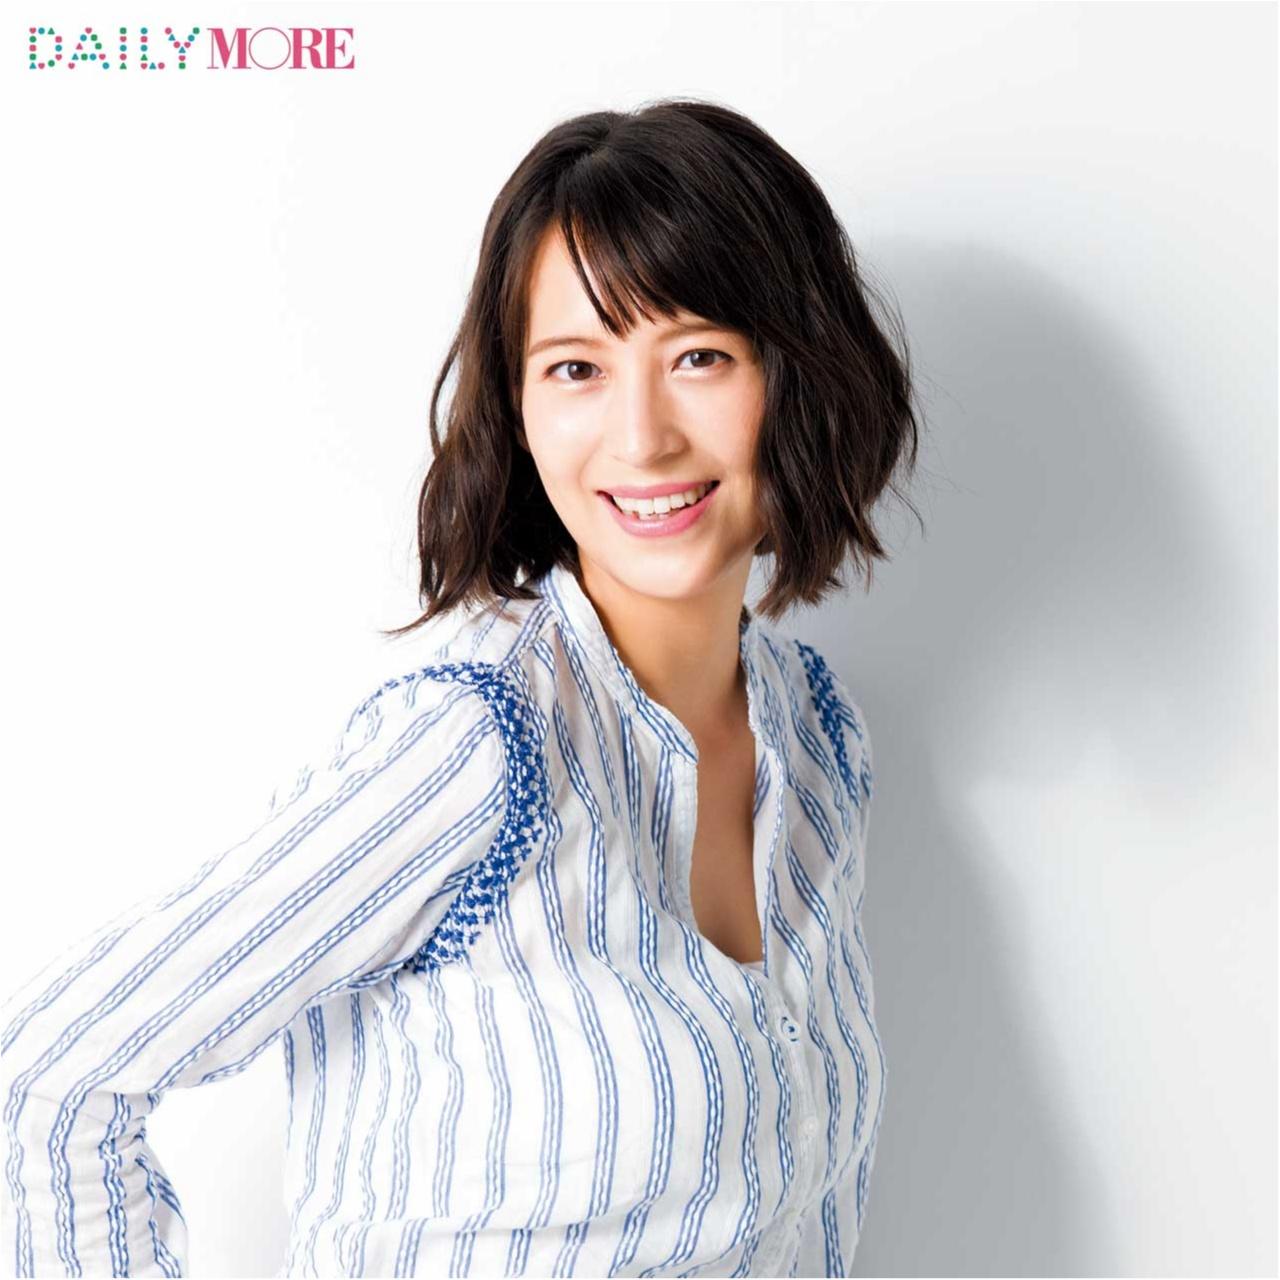 2児の母にしてこの透明感! フリーアナウンサー・青木裕子さんの「27歳からの美習慣」を大公開!_1